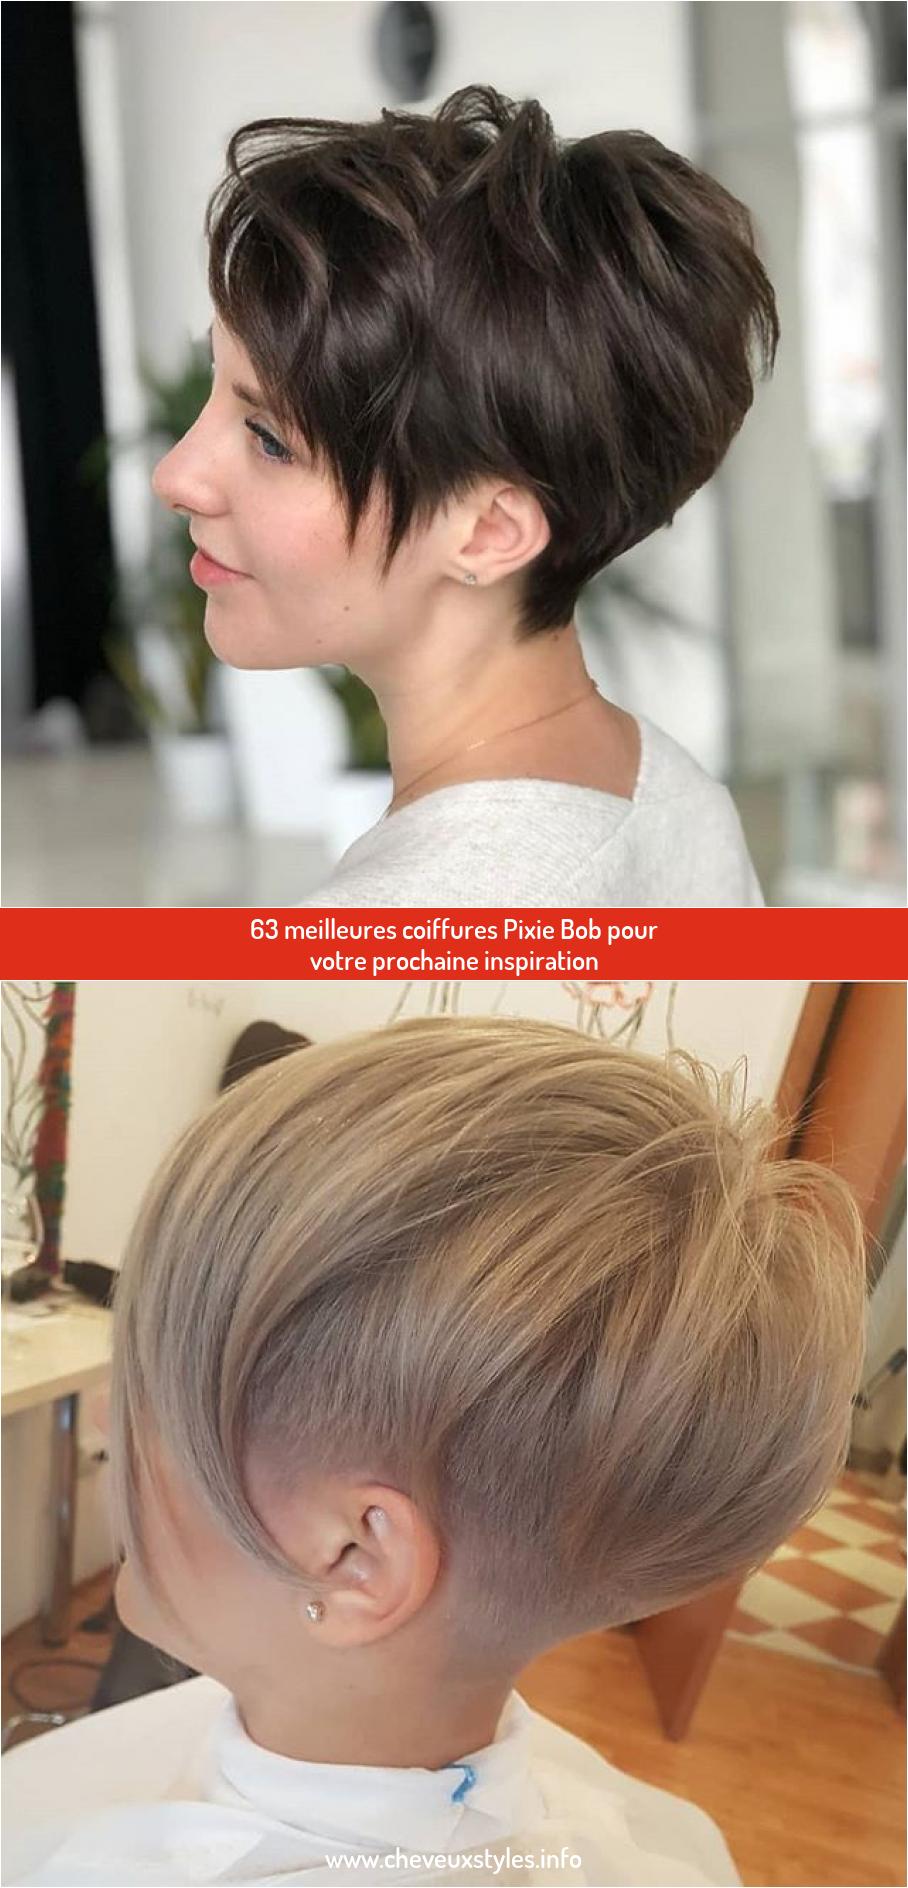 40++ Pixie bob coiffure le dernier